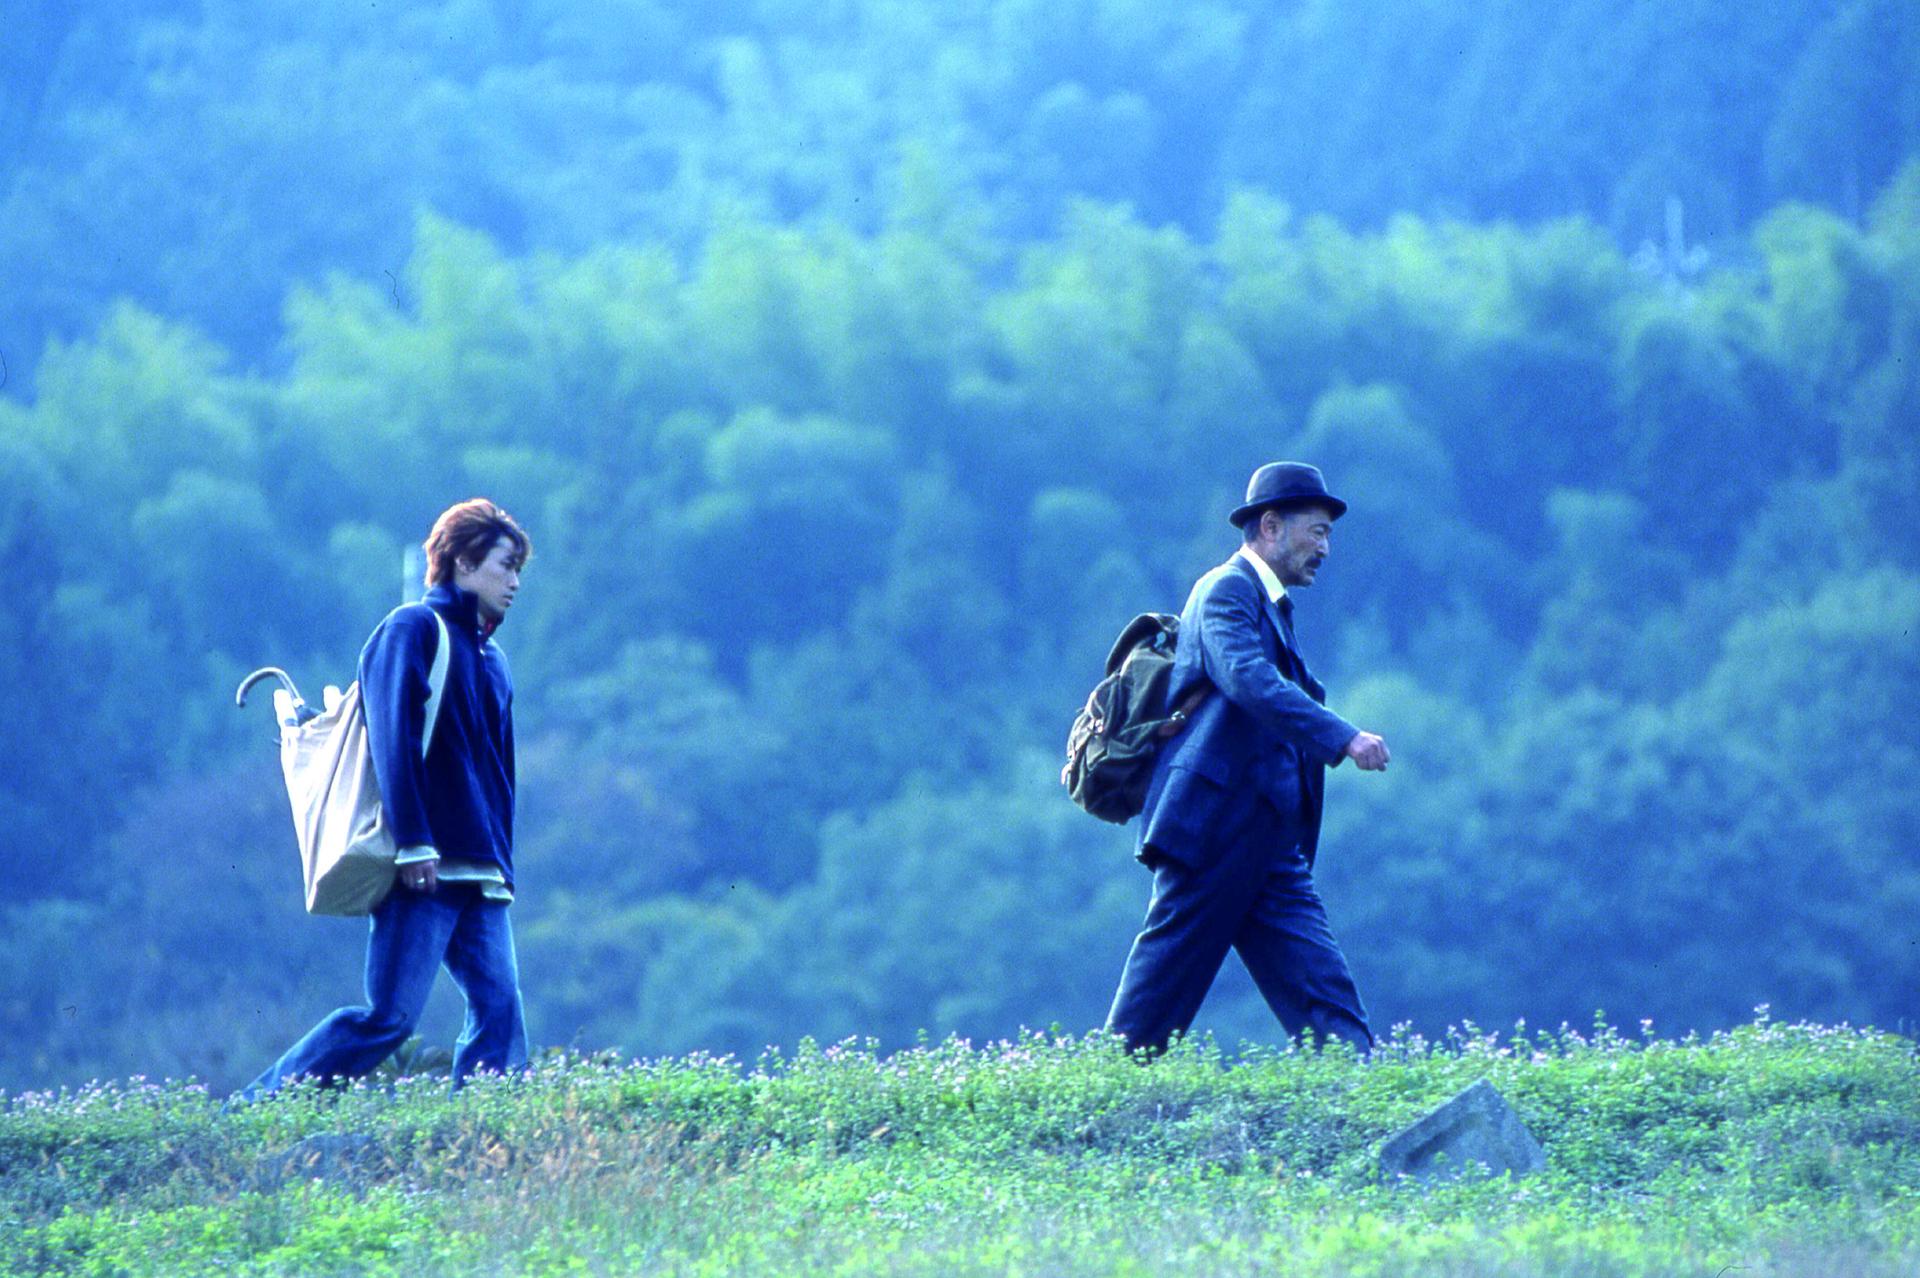 村の写真集.jpg